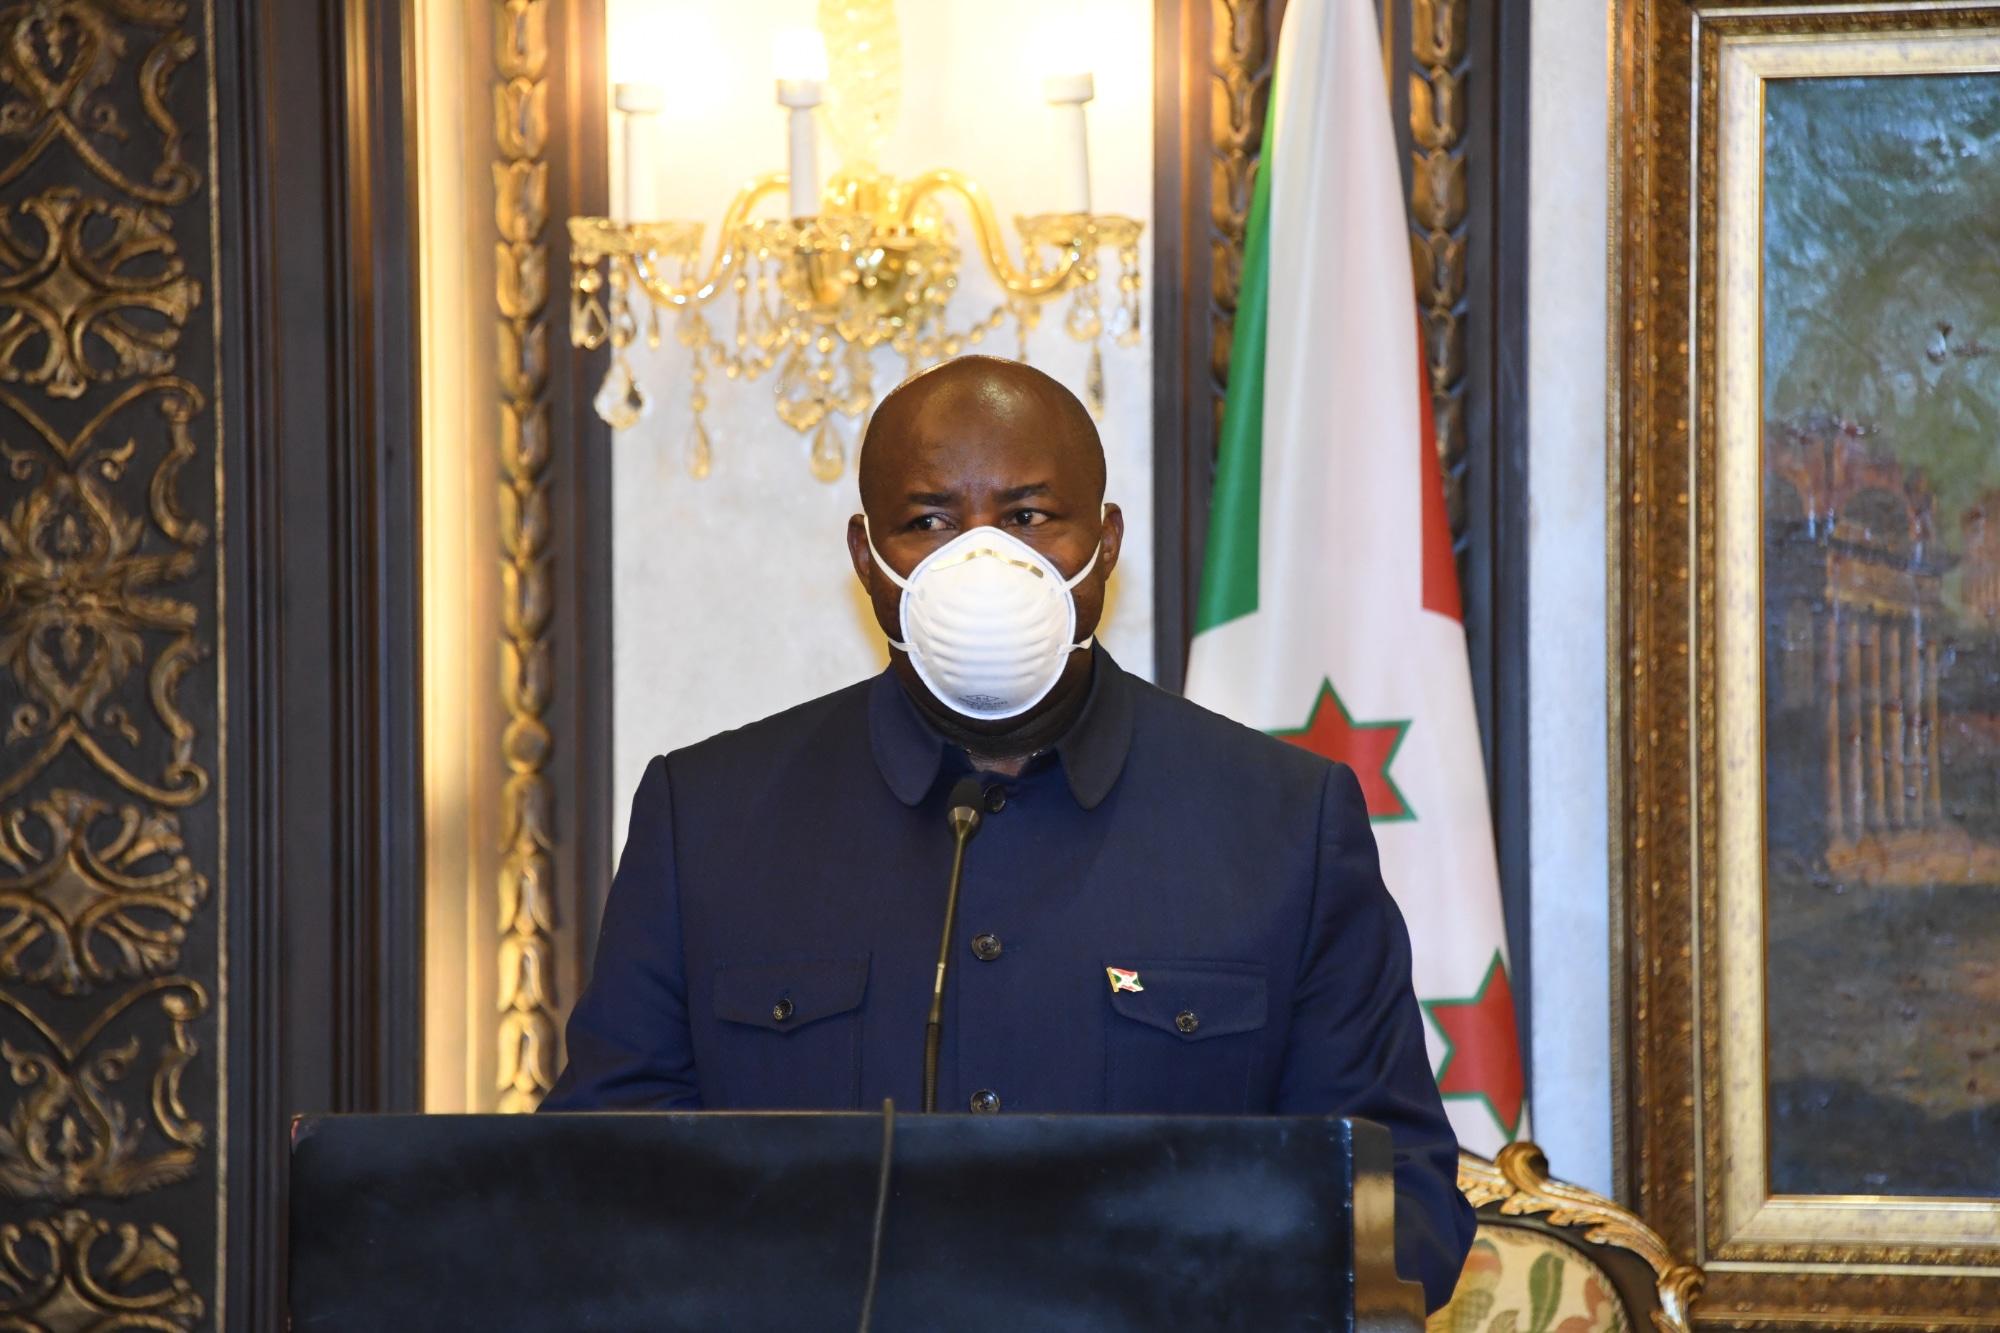 Discours de SE Evariste Ndayishimiye lors de la réunion bilatérale à  Malabo, avec son homologue de la Guinée Equatoriale